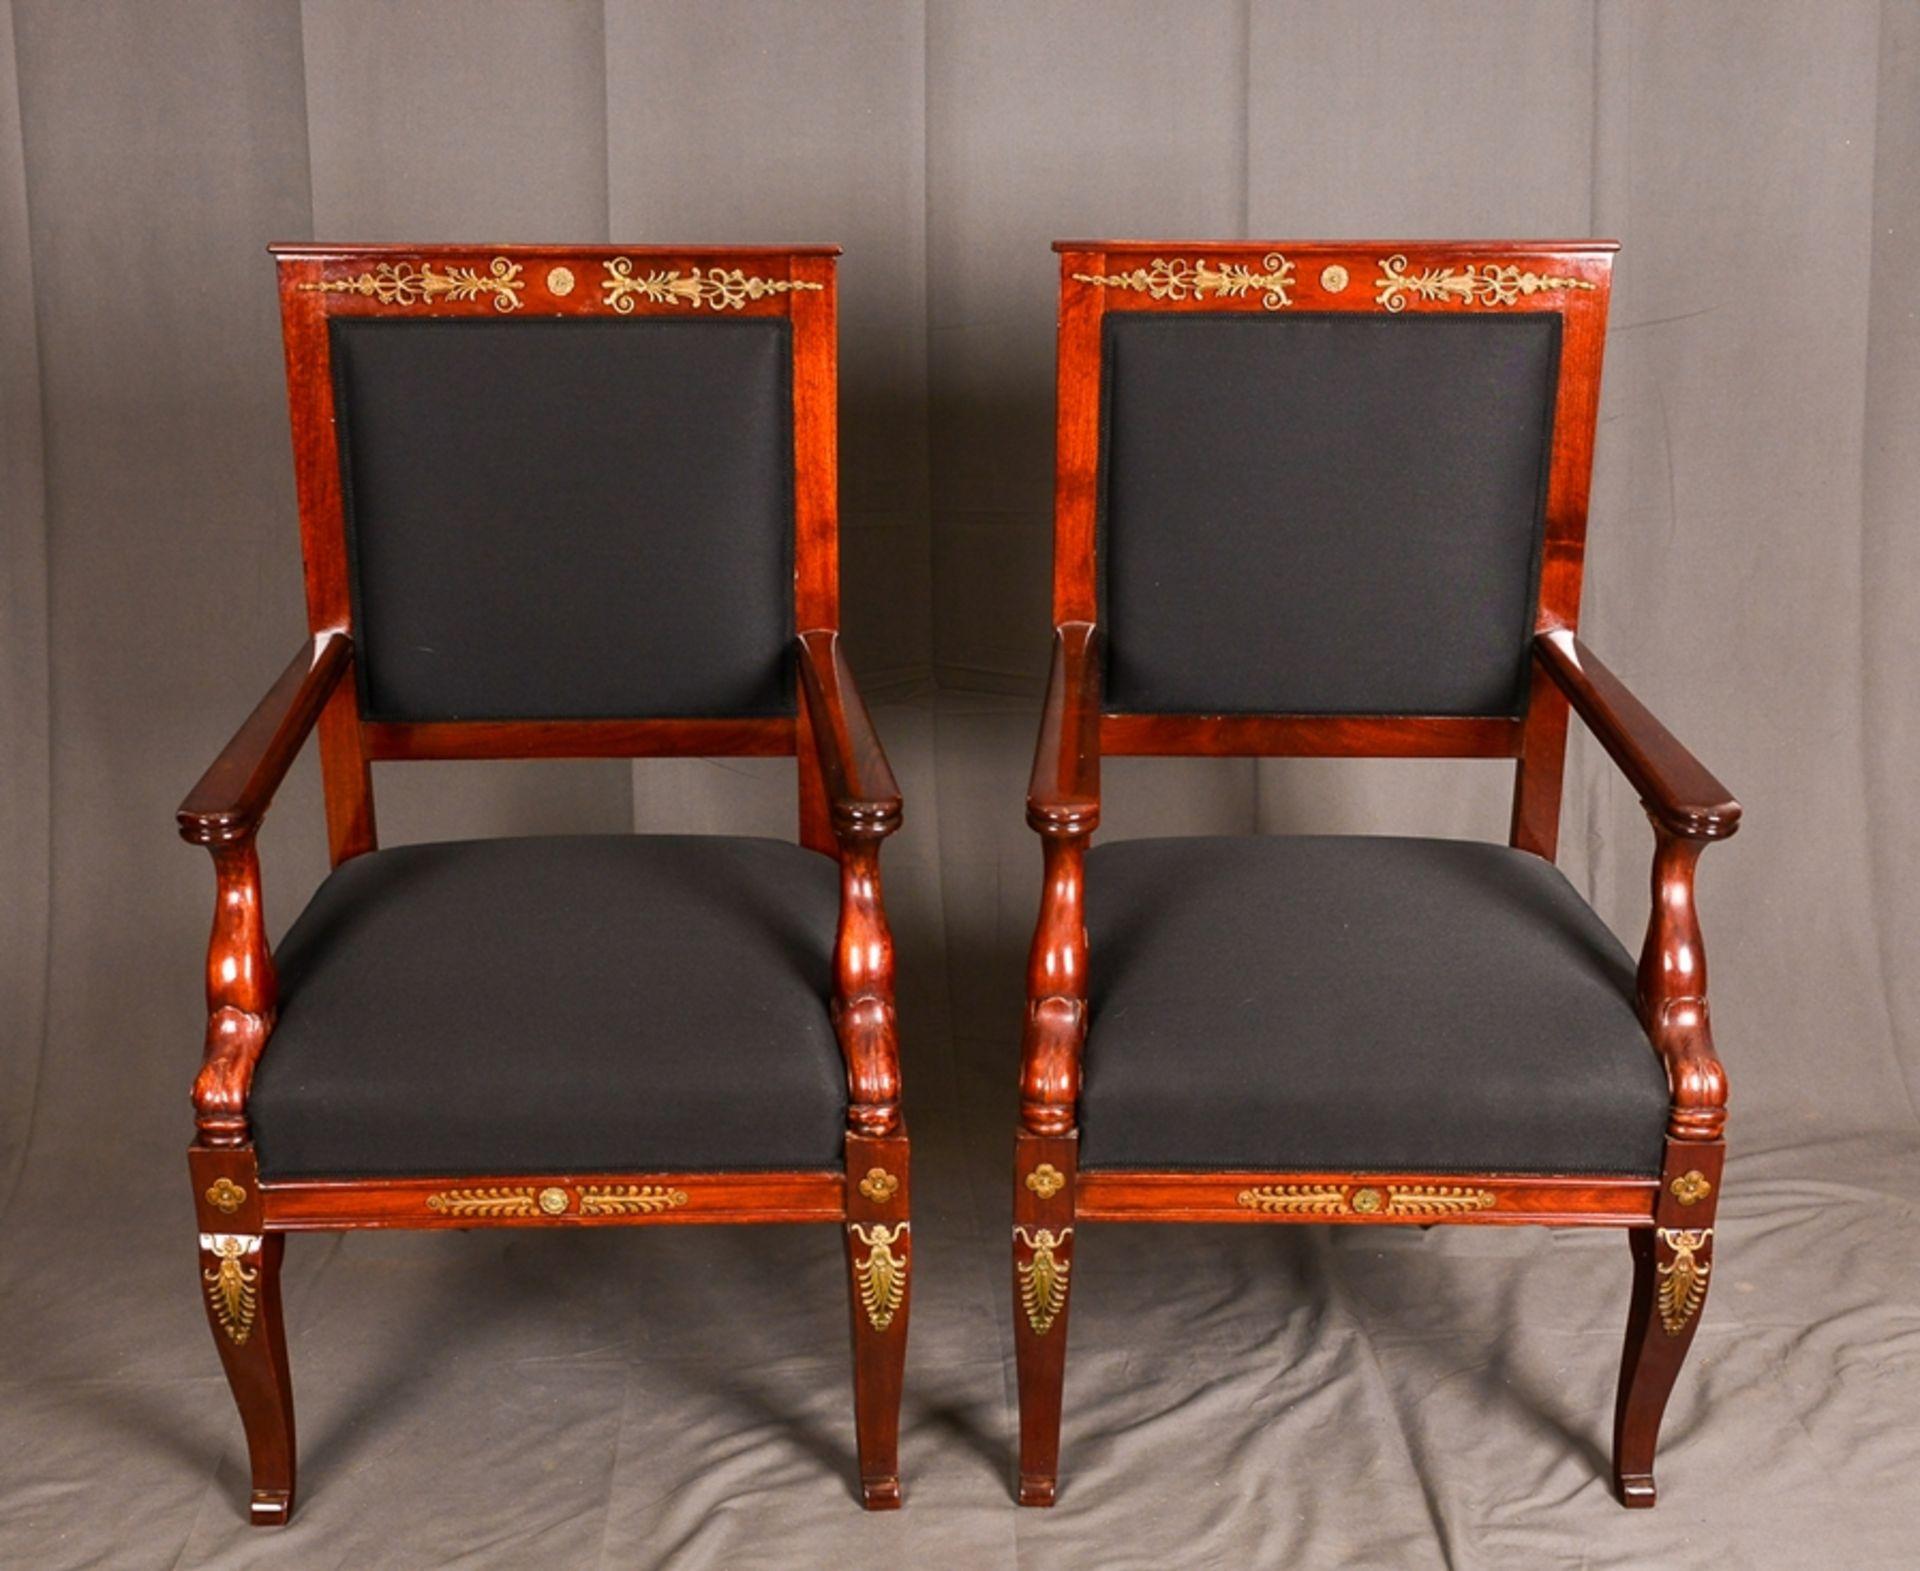 Paar Armlehnstühle. Empire-Stil, Mahagoni, aufwändig mit Messingapplikationen verziert. Vor